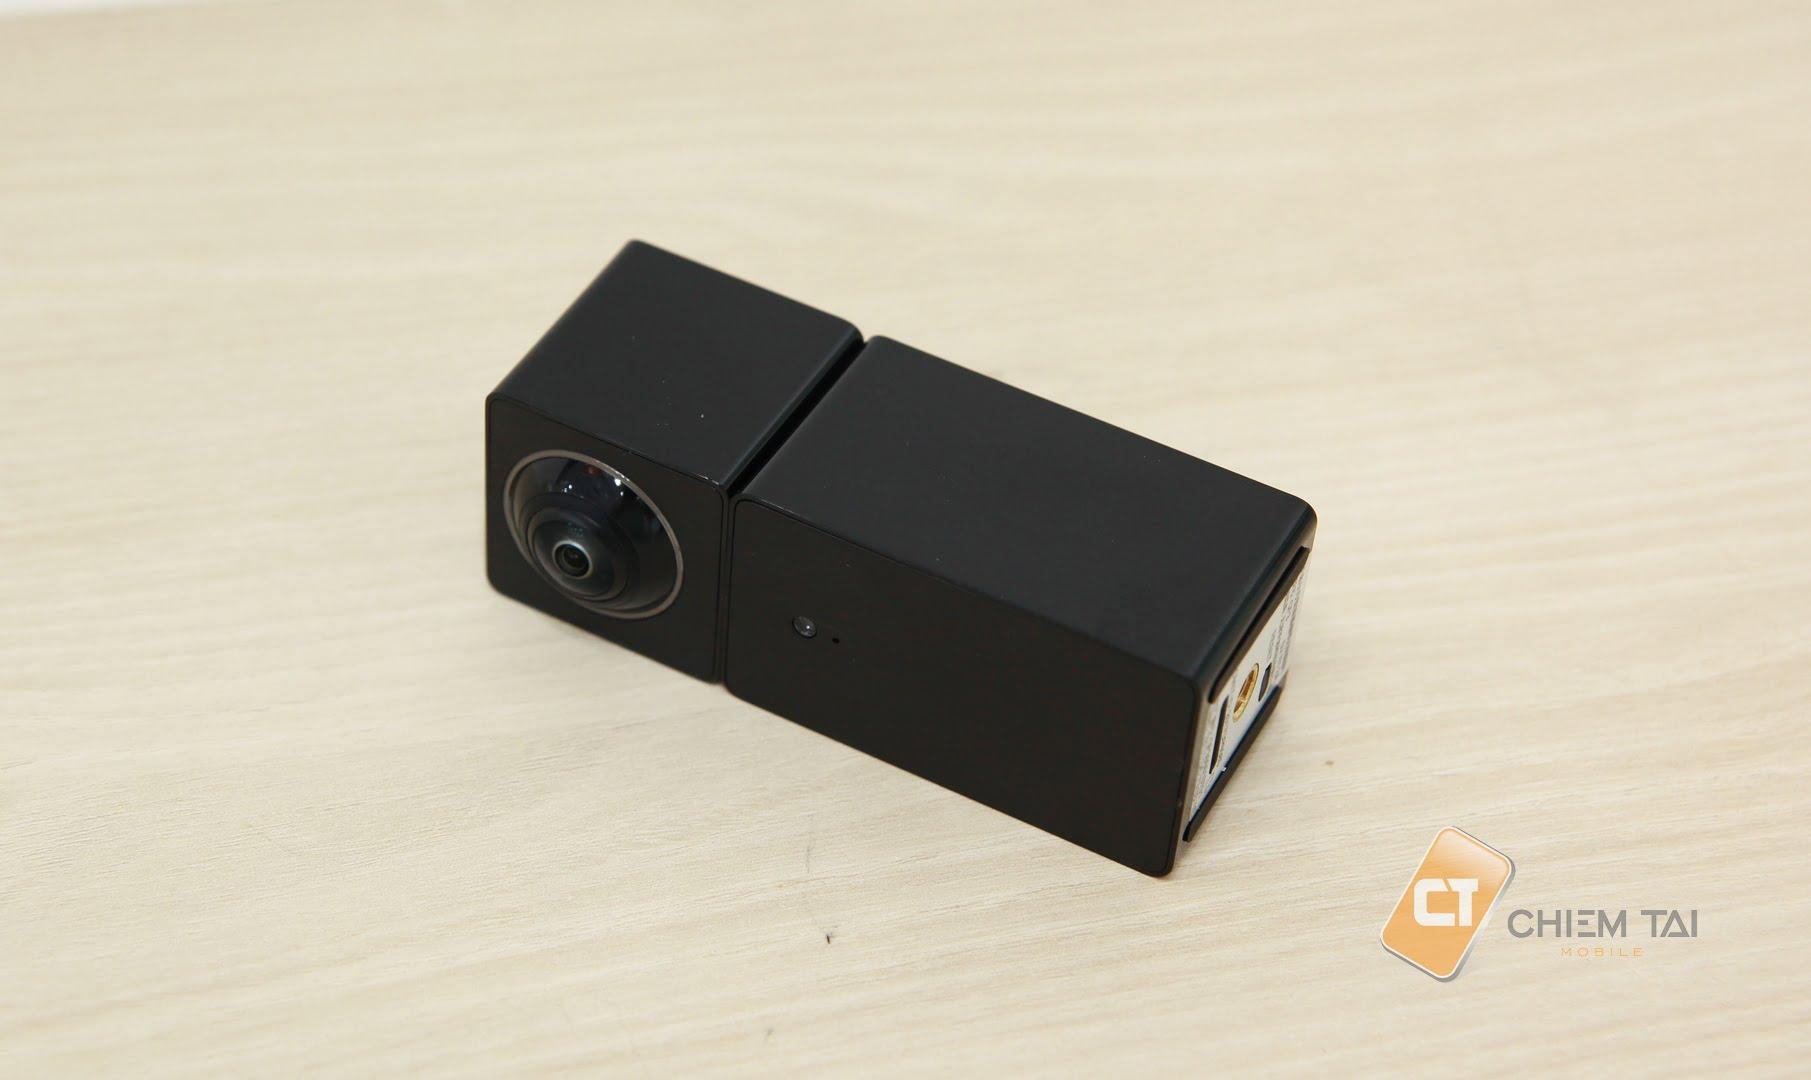 camera ip thong minh xiaofang qf3 360 do 6007d386f14e5